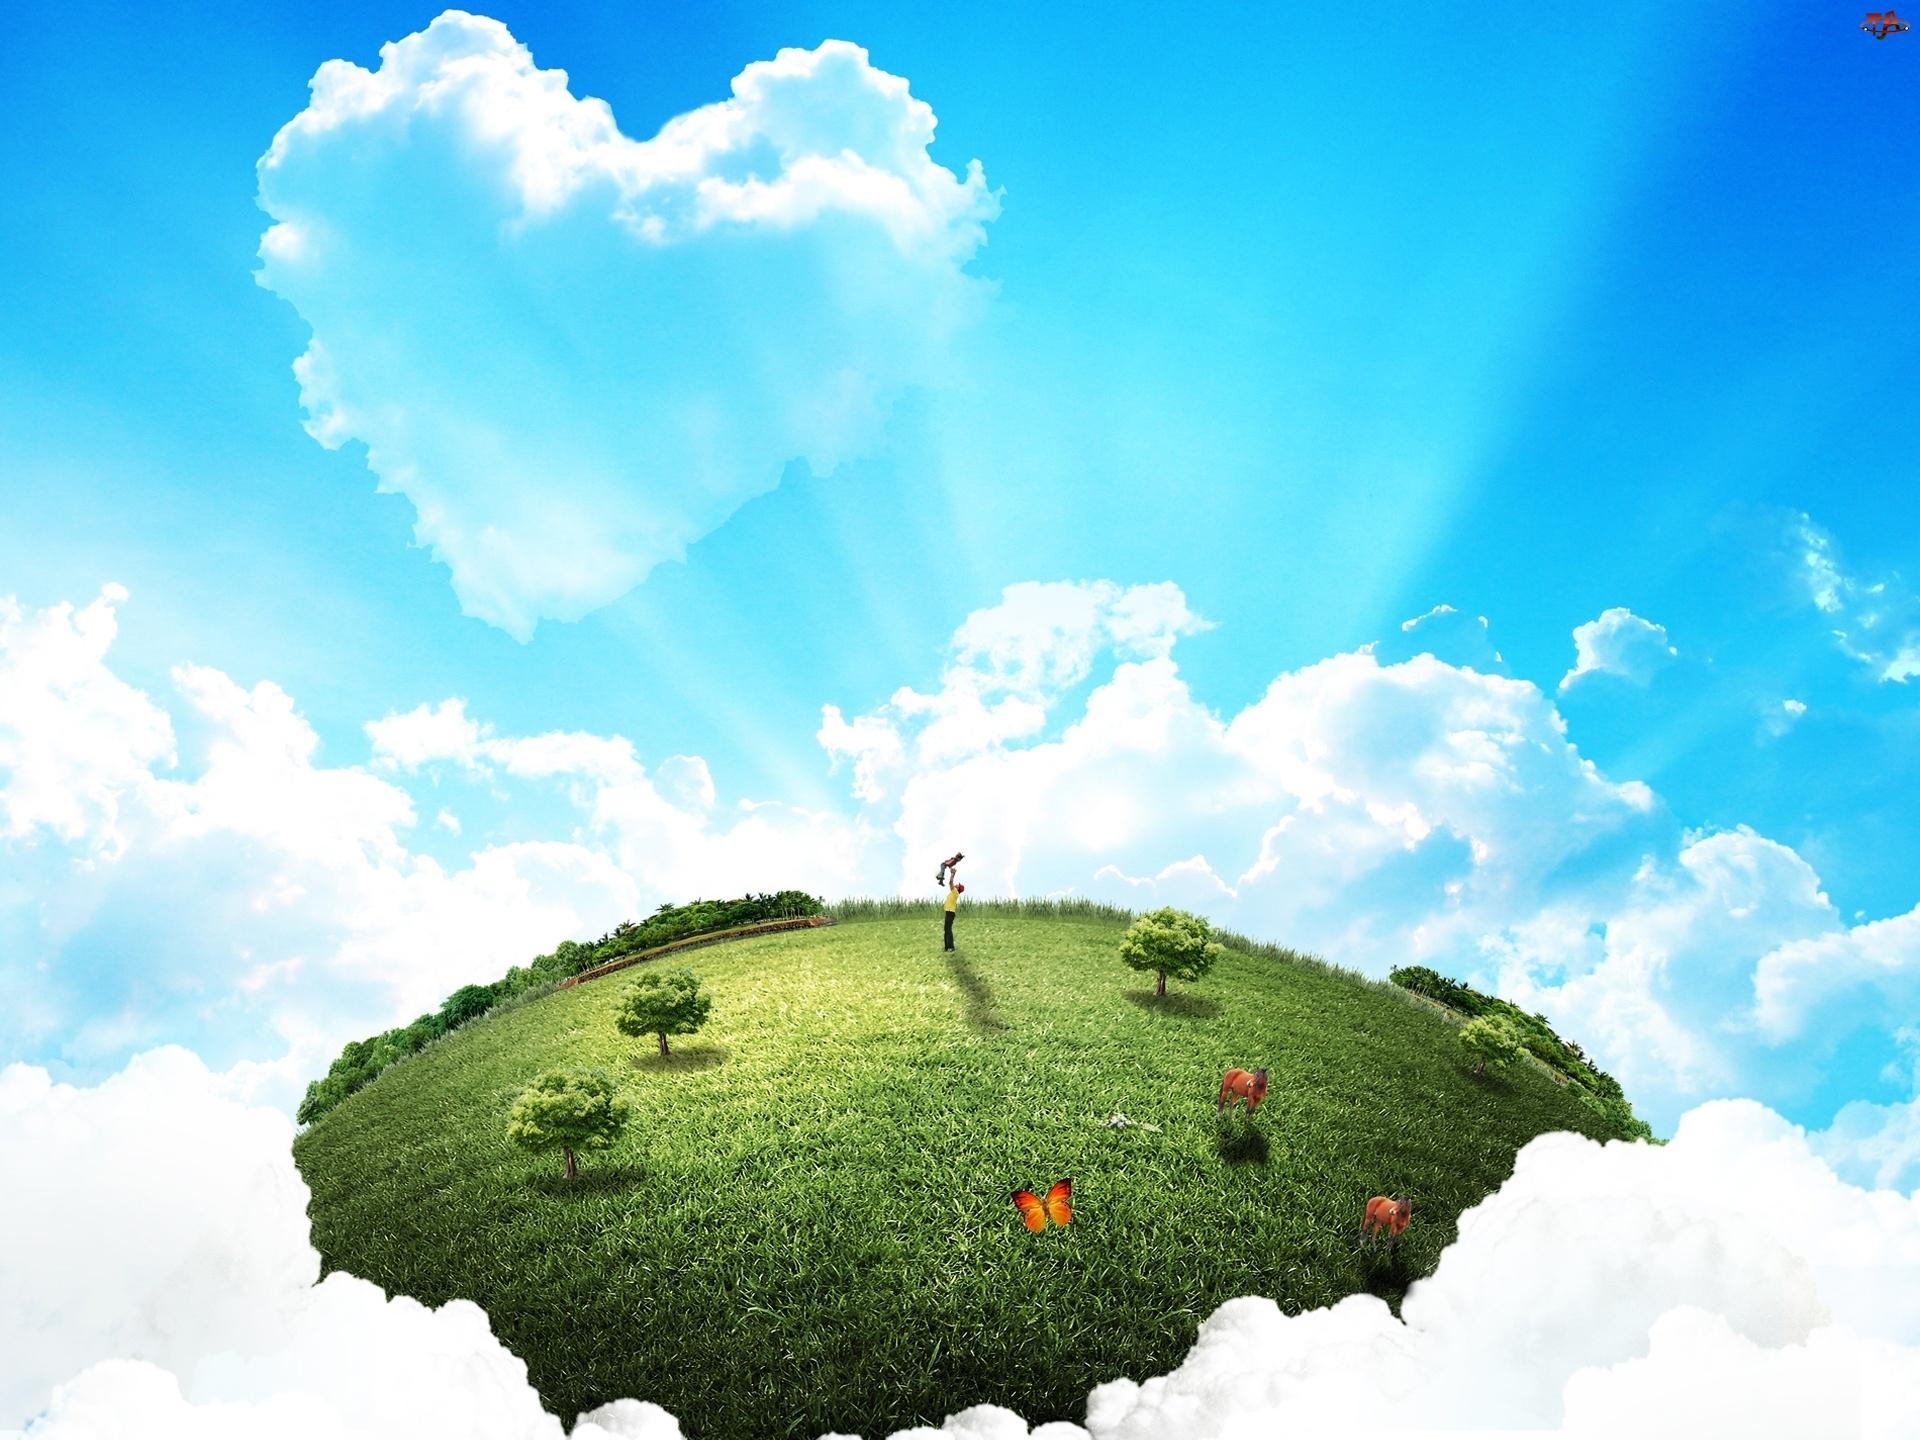 Łąka, Motyle, Niebo, Ludzie, Chmury, Drzewa